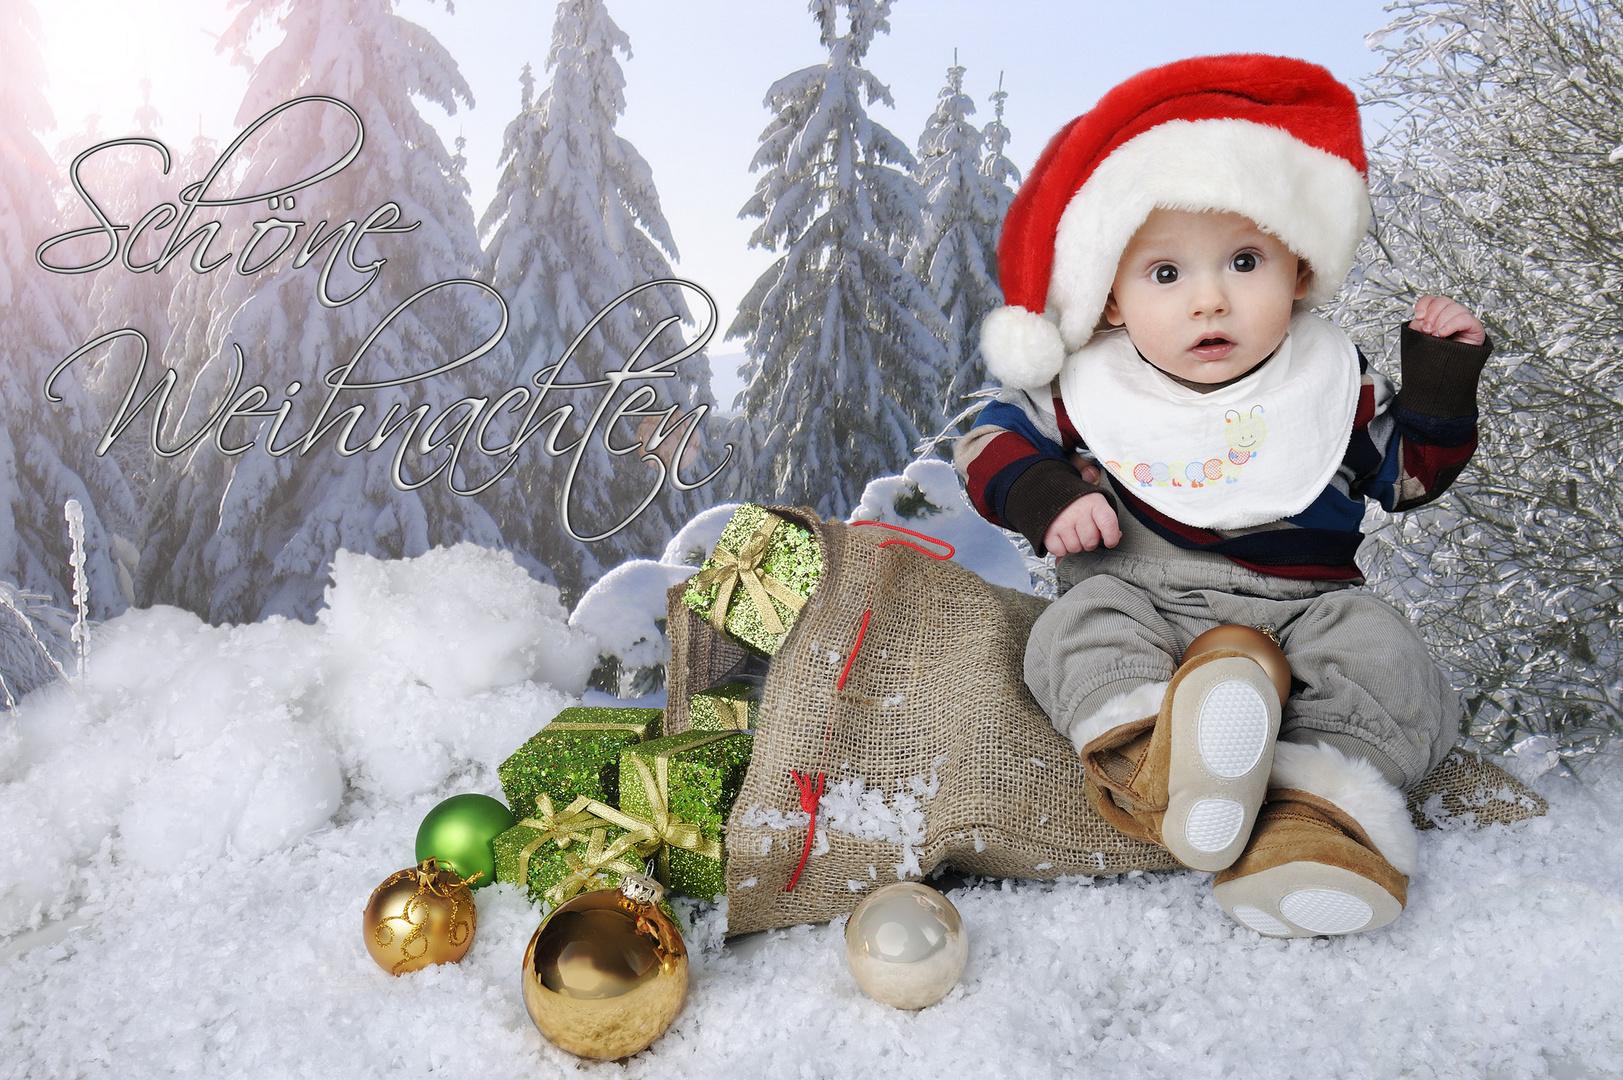 sch ne weihnachten foto bild kinder babies menschen. Black Bedroom Furniture Sets. Home Design Ideas